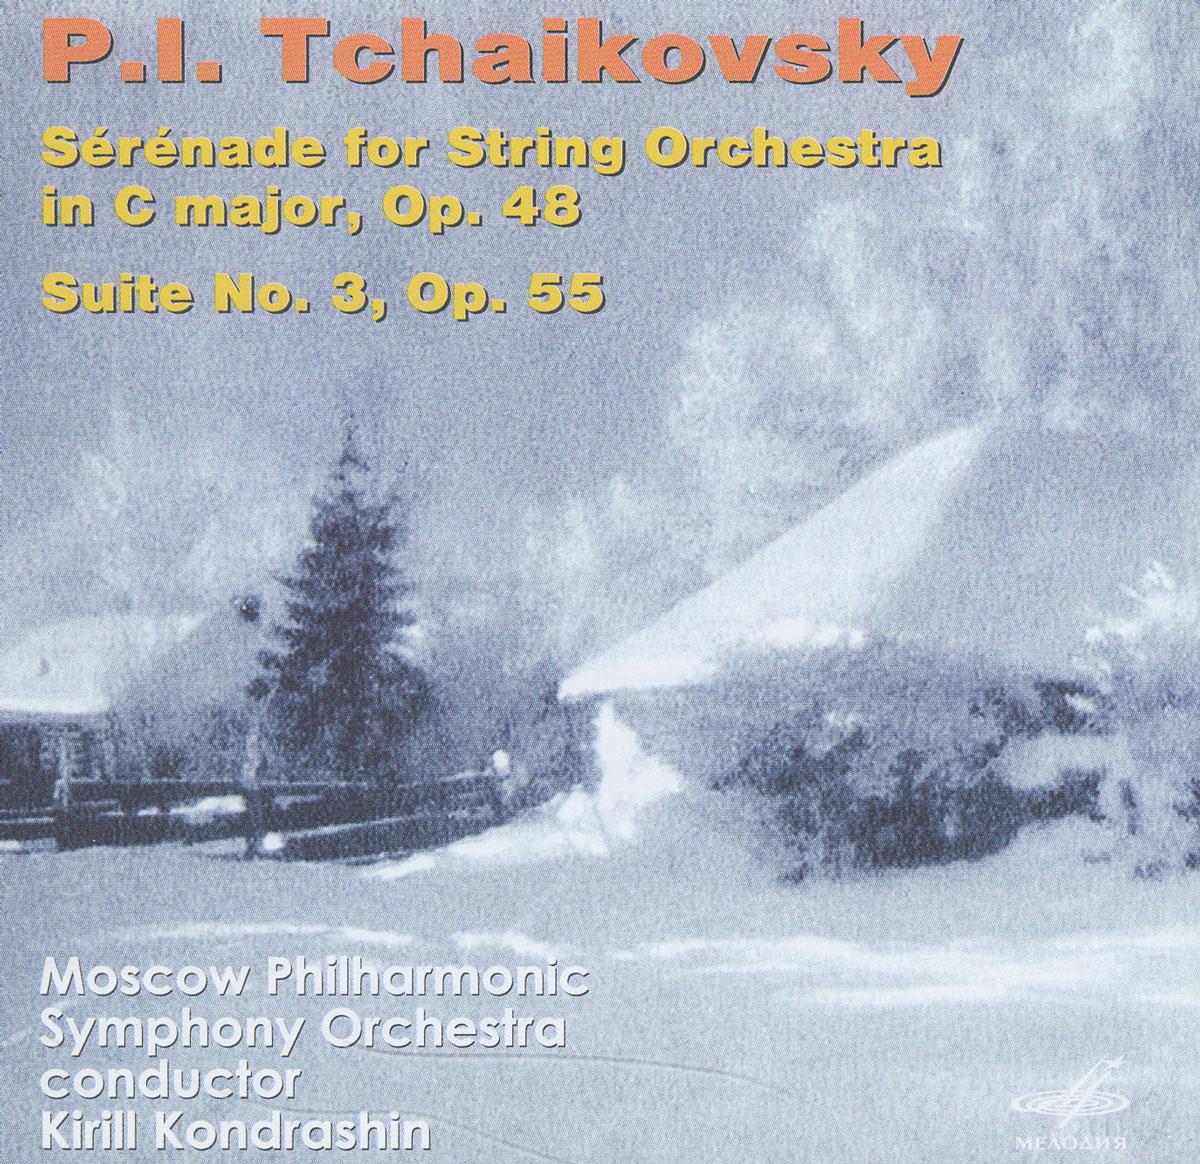 Серенада для струнного оркестра принадлежит к числу популярнейших произведений Чайковского. Жанр серенады, исключительно распространенный в XVIII столетии, вновь стал популярен среди композиторов Европы сто лет спустя. Сочиняя свою Серенаду, Чайковский опирался как на образцы XVIII века (сам он писал: